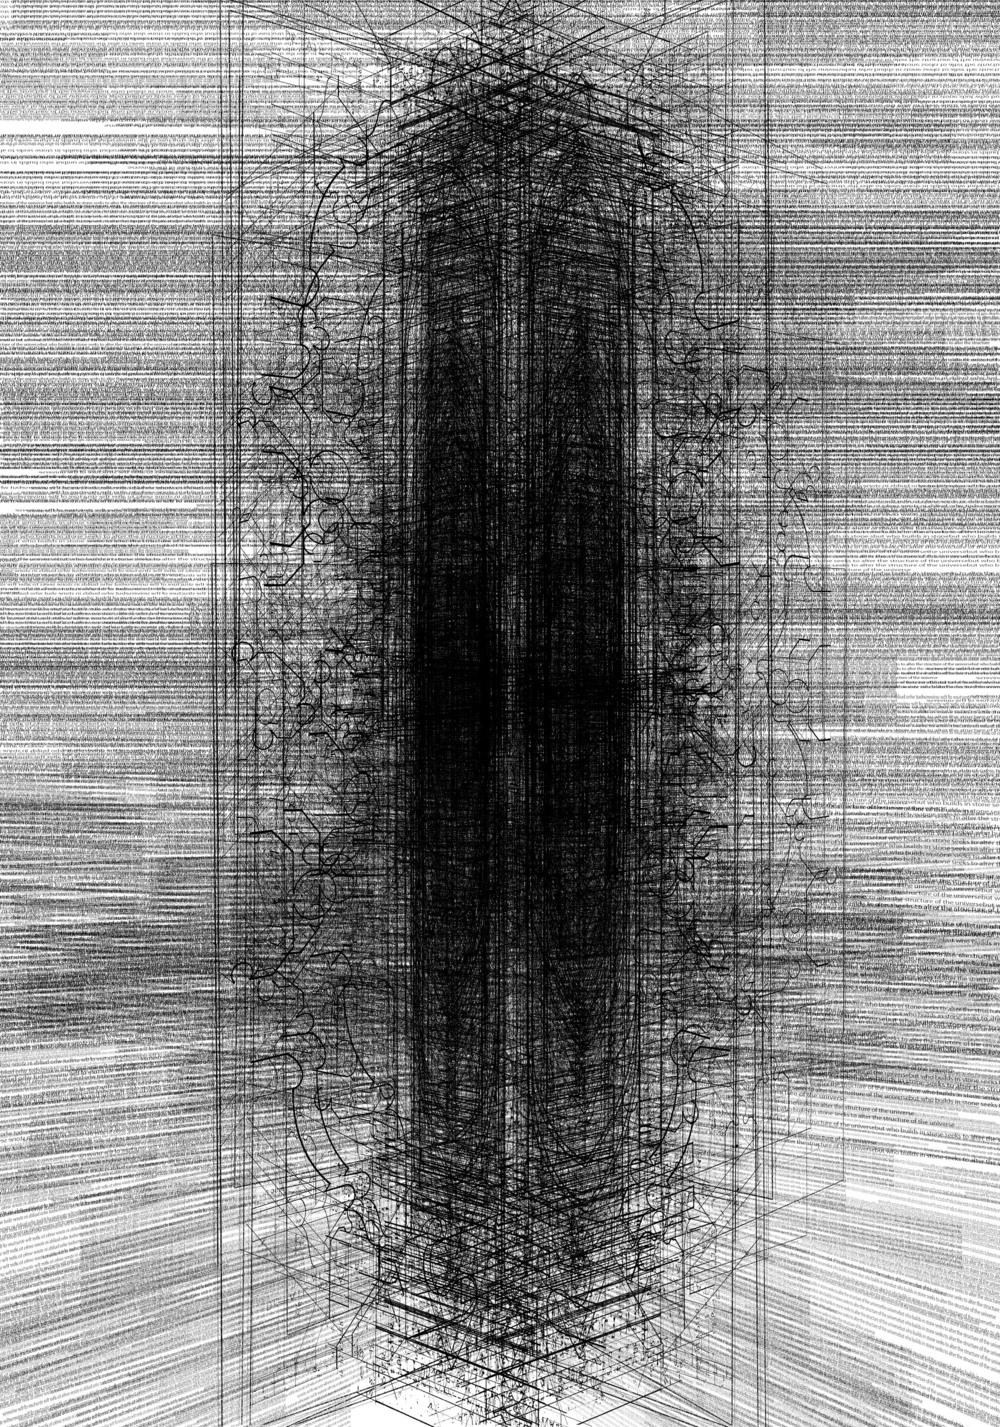 Plinthium   2011  30 in. x 21 in.  archival inkjet print